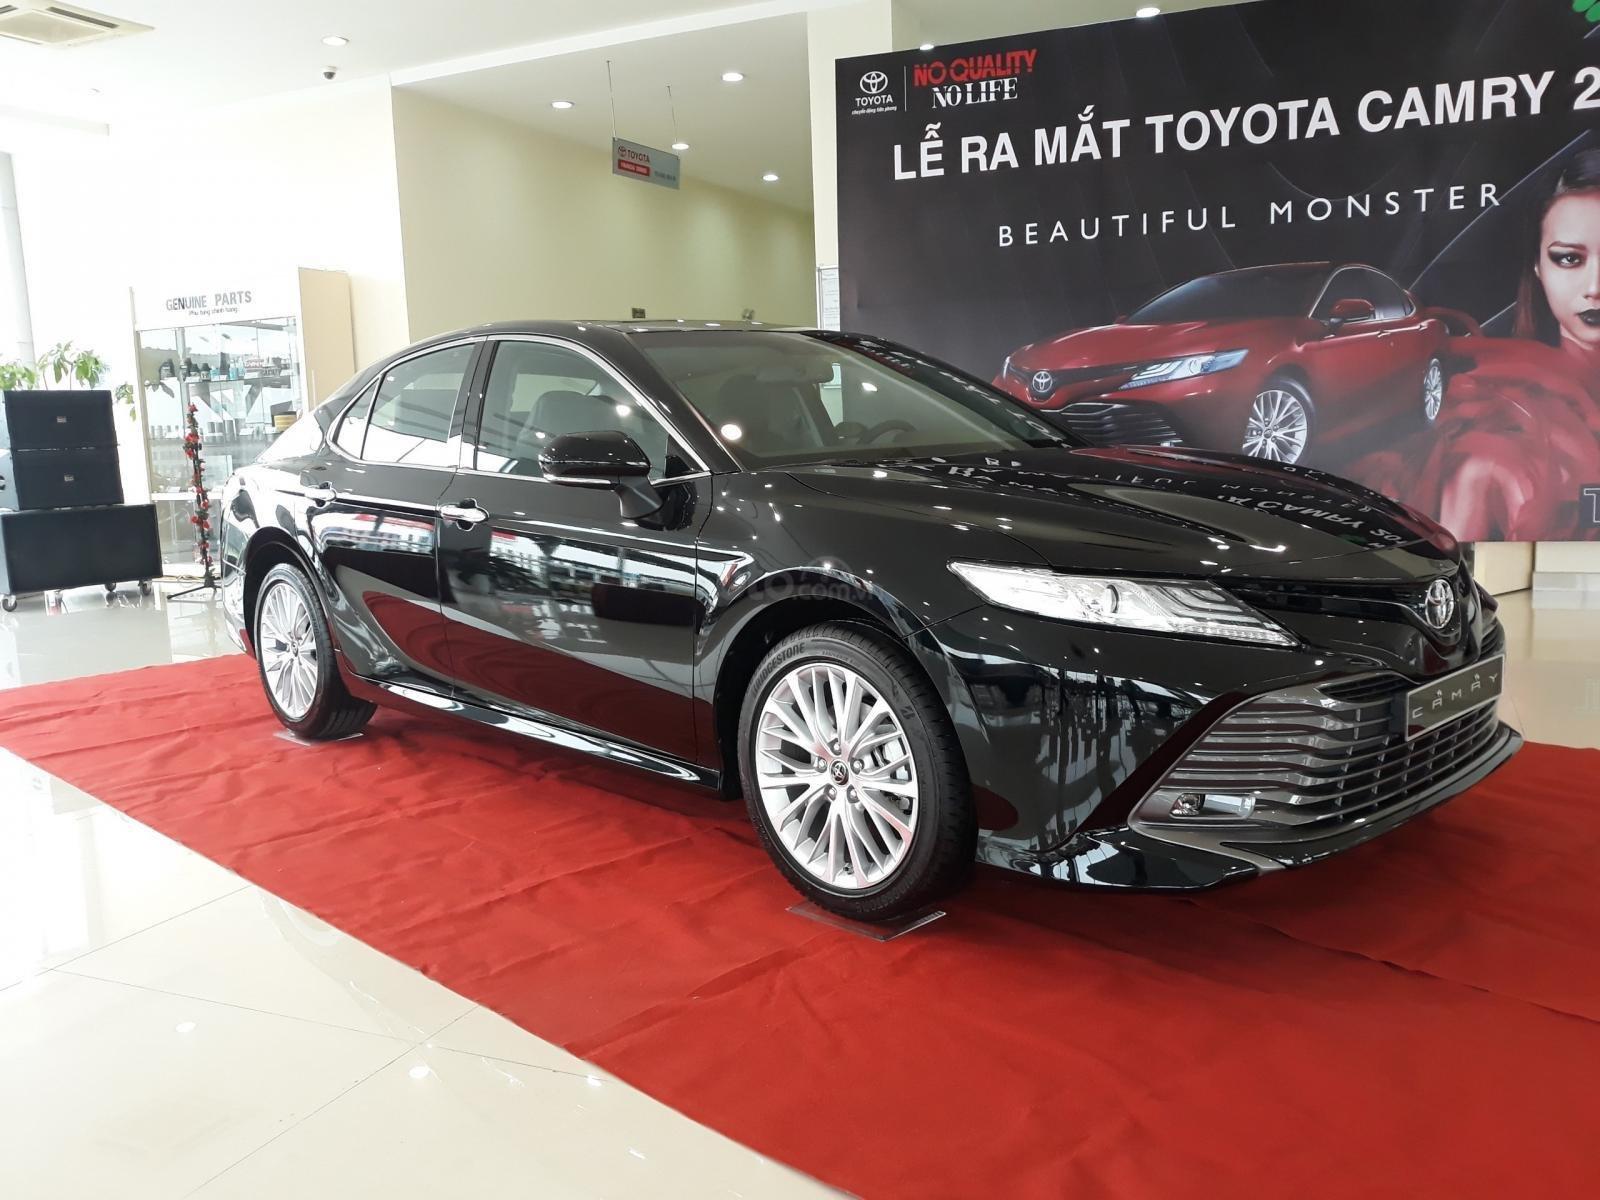 [Toyota Thanh Xuân] bán Toyota Camry nhập Mỹ, sản xuất 2020, mới 100%, xe full option, giao ngay tận tay khách (2)